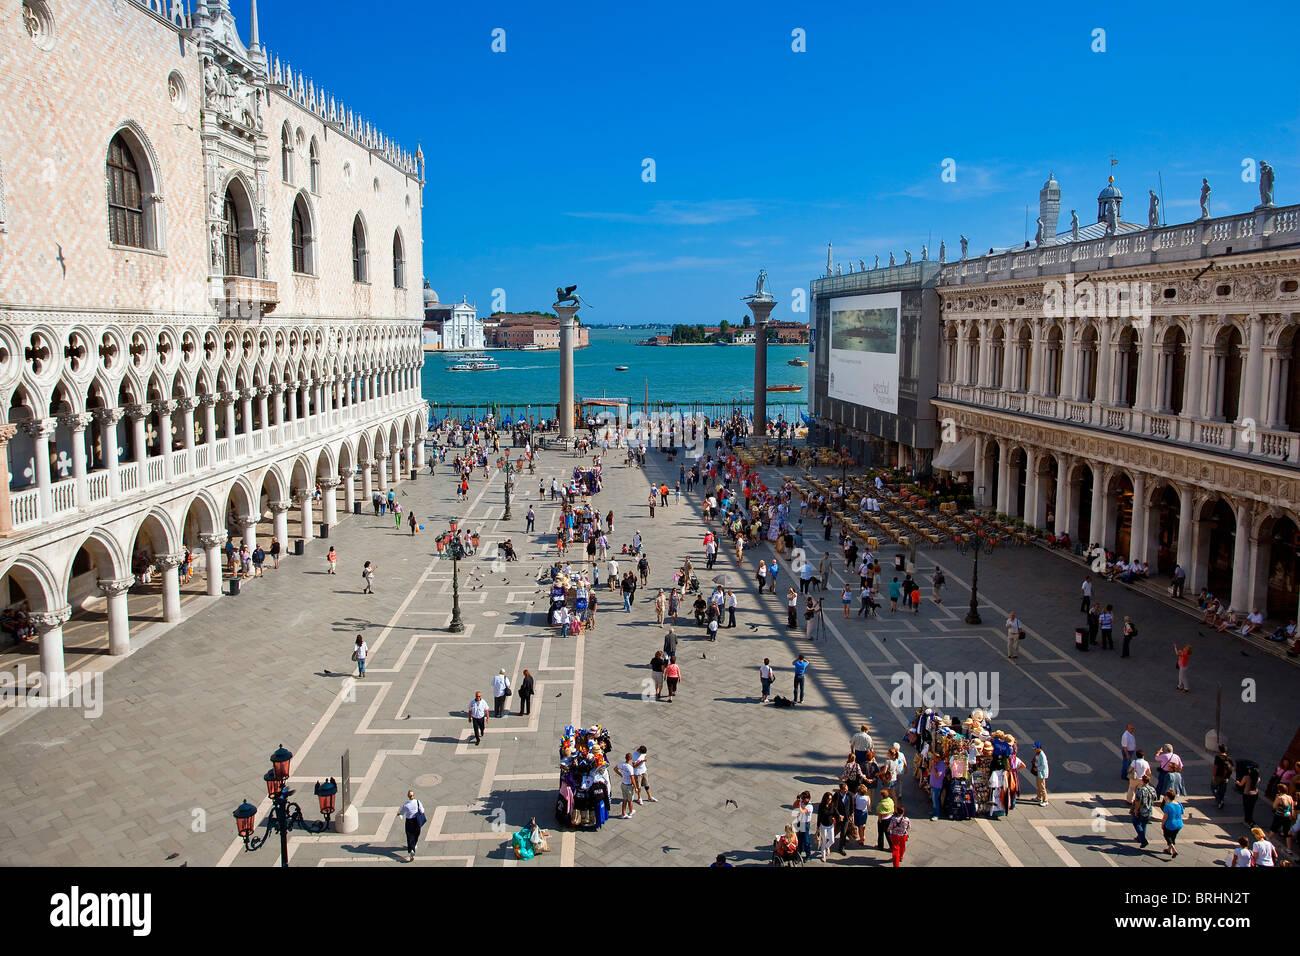 Europa, Italien, Venezia, Venedig, aufgeführt als Weltkulturerbe der UNESCO, Piazza San marco Stockbild